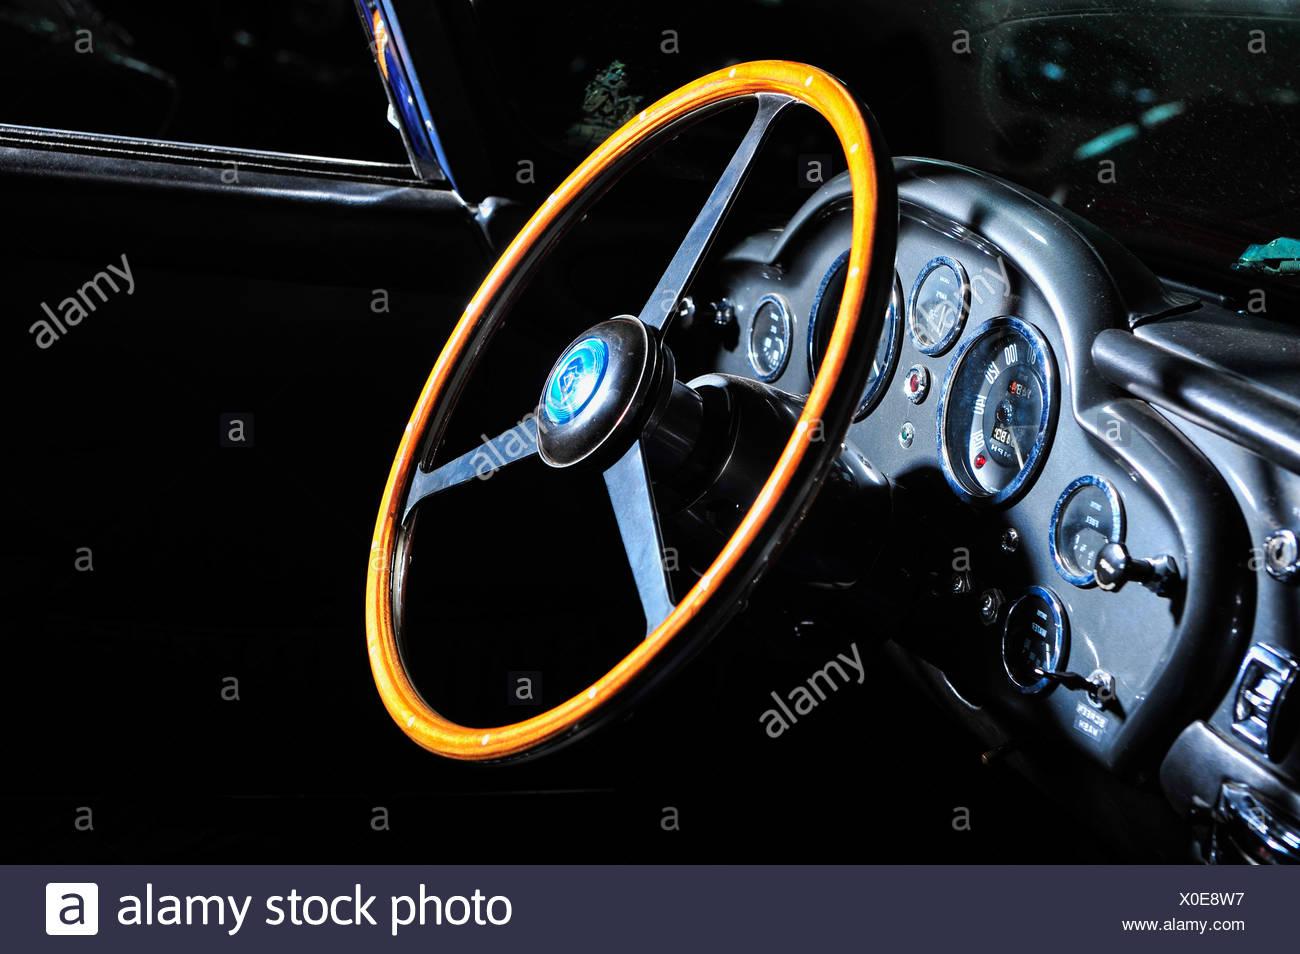 Lenkrad Aston Martin Oldtimer - Stock Image